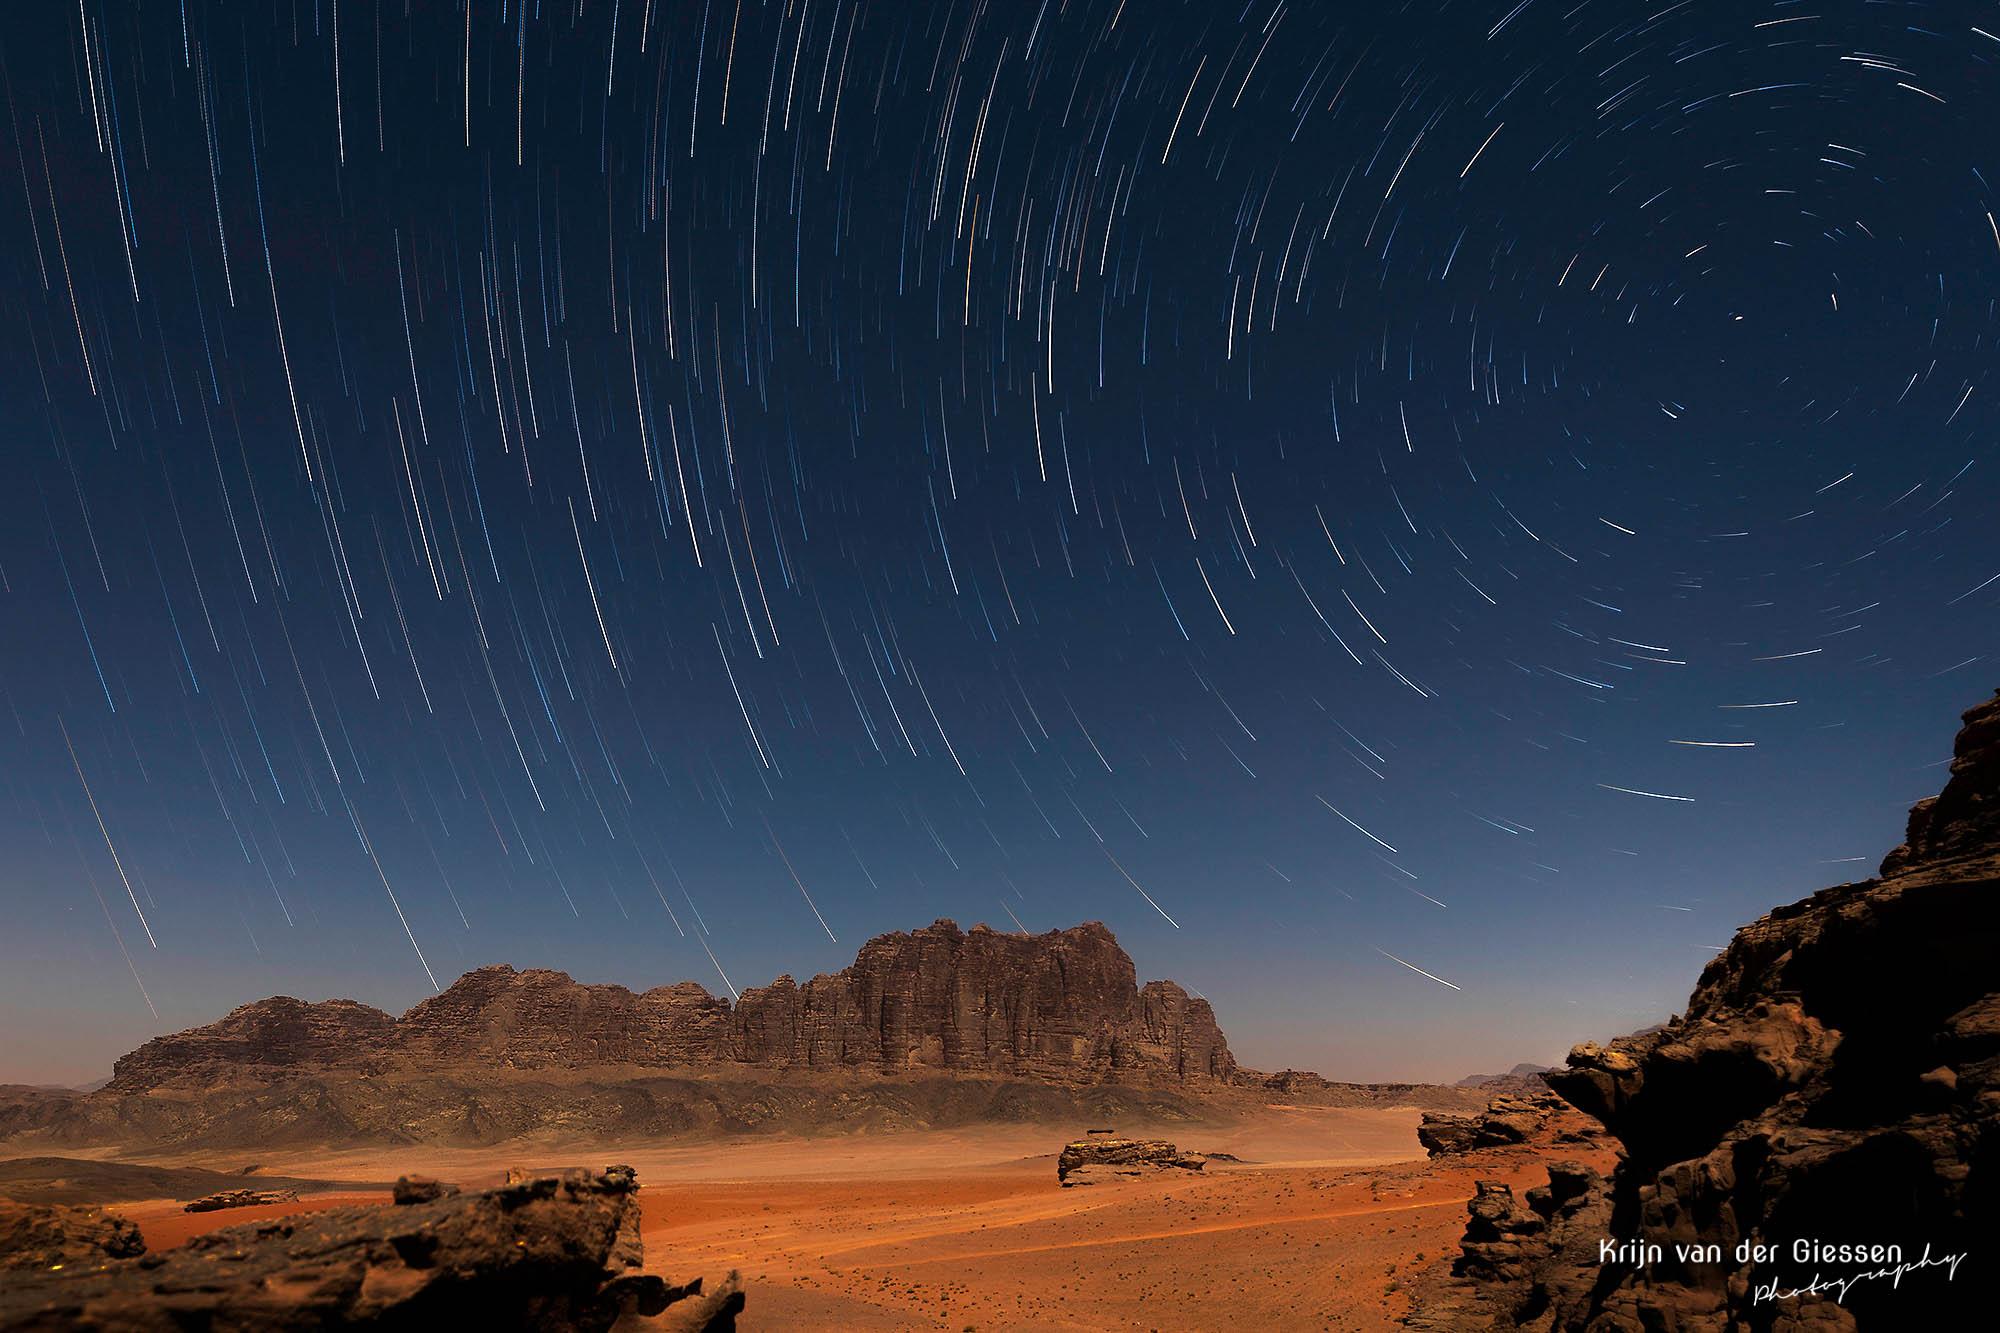 Star Trails over the Wadi Rum Desert in Jordan copyright by Krijn van der Giessen Photography